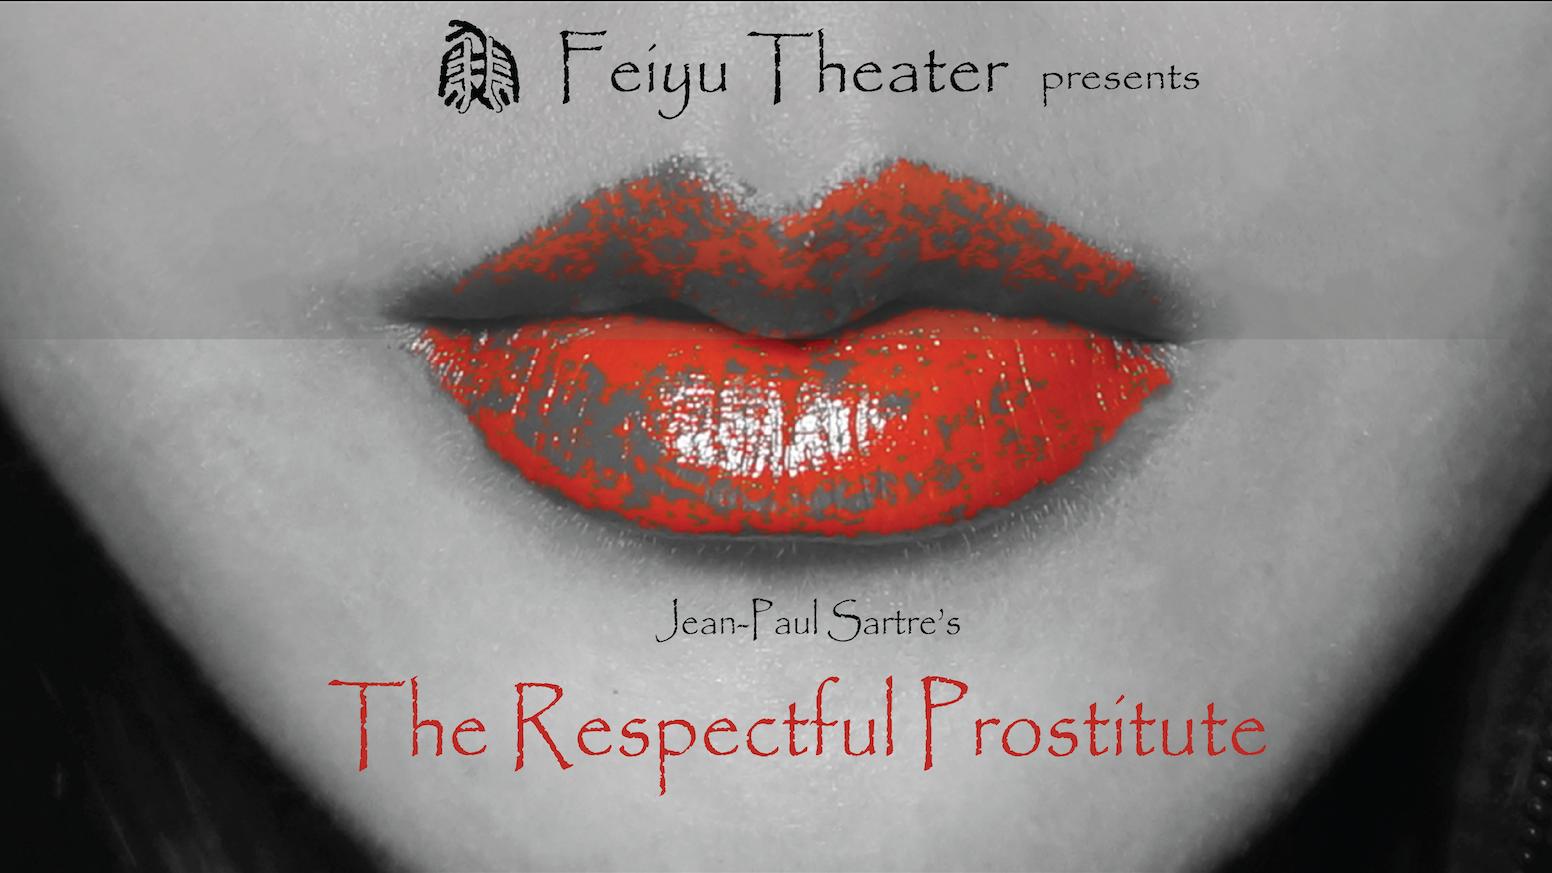 respectful prostitute